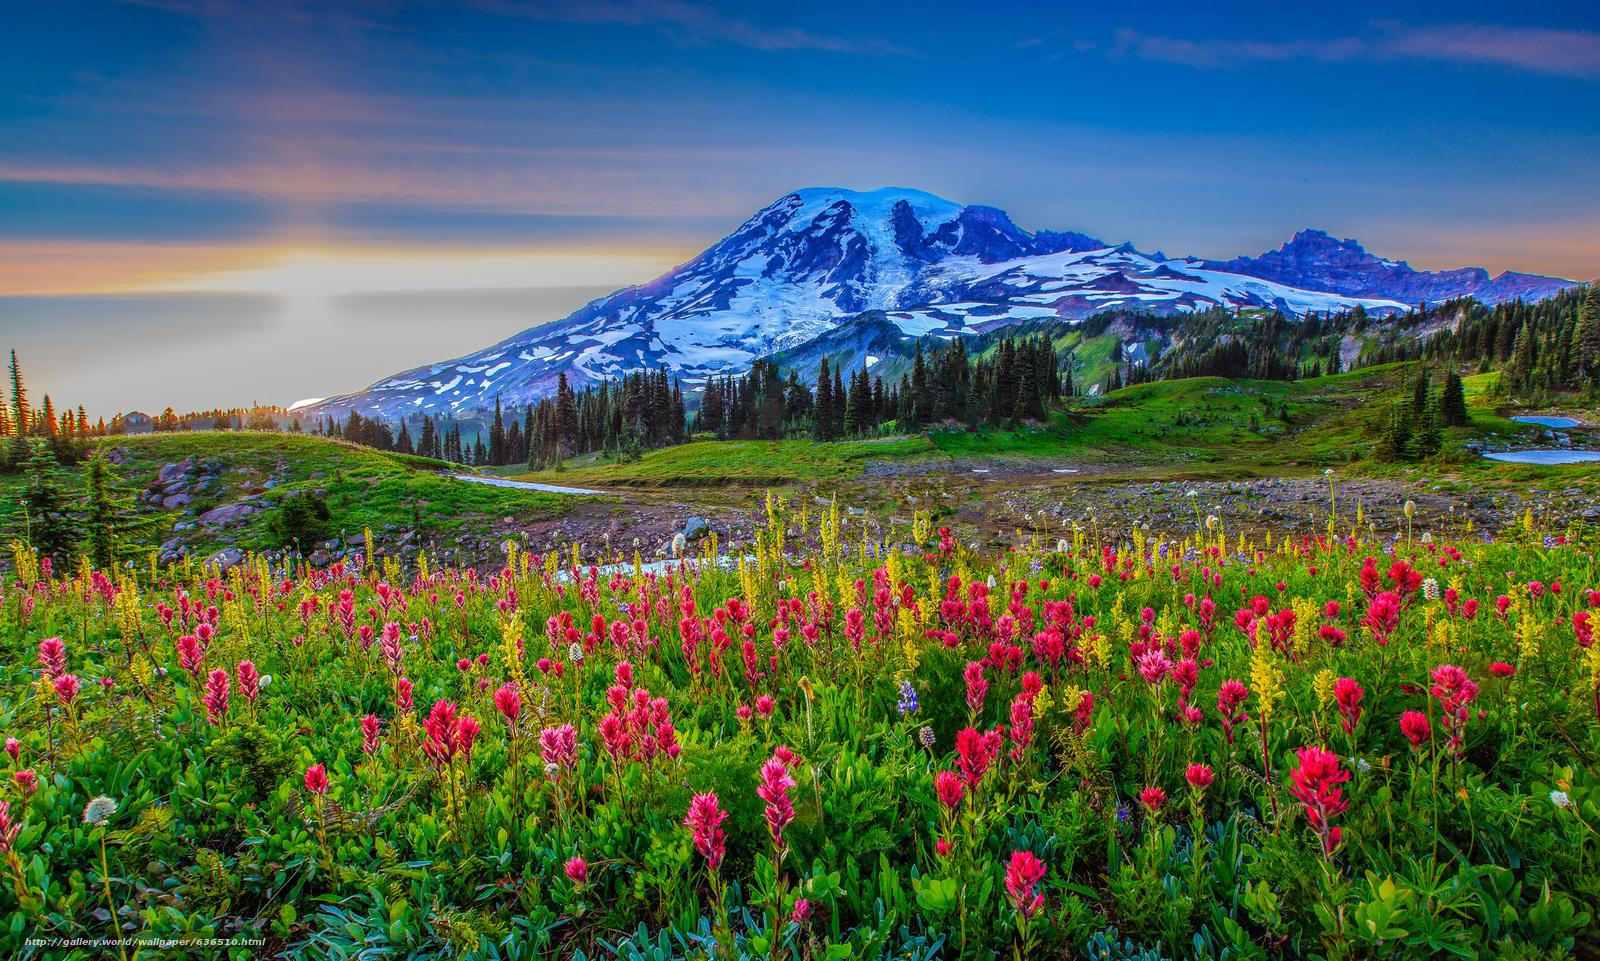 下载壁纸 日落,  山,  丘陵,  花卉 免费为您的桌面分辨率的壁纸 2048x1230 — 图片 №636510